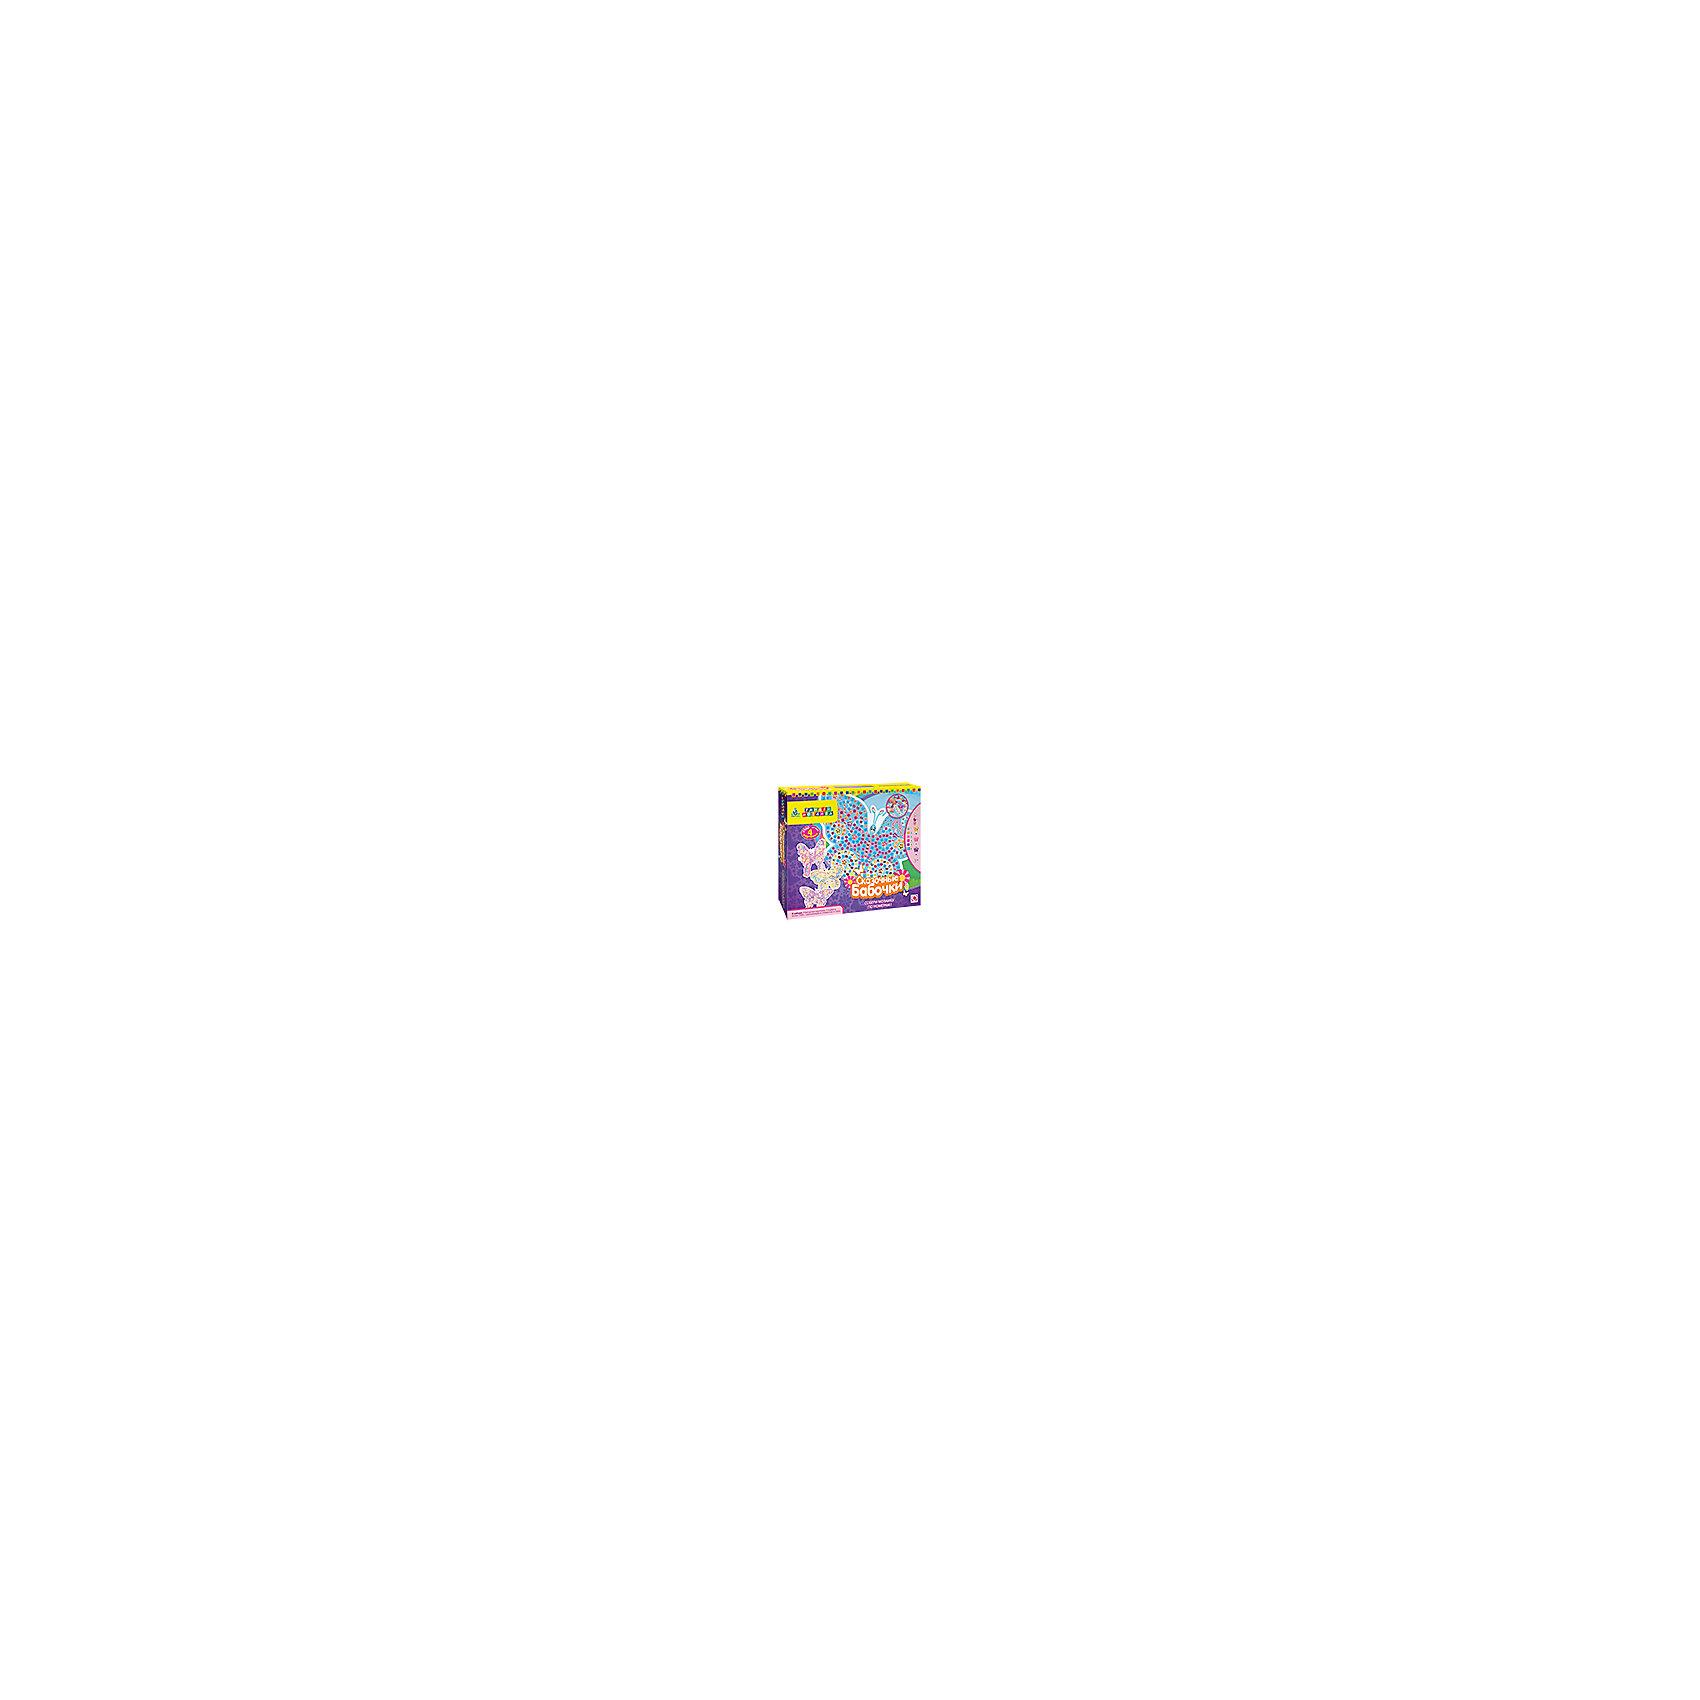 Мозаика-набор Сказочные бабочкиМозаика<br>Позволь разыграться своей фантазии с этими 4 удивительными и неповторимыми бабочками! Бабочки – одни из самых красивых жителей планеты! Собери мозаику по номерам, повесь на стену готовые картины с помощью специальных подвесов, входящих в набор, и наслаждайся красотой этих прелестных созданий!В наборе:• 4 картонные фигурные основы• 1900+ самоклеящихся элементов и страз• 4 подвесаДизайн моделей разработан в США.5+<br><br>Ширина мм: 324<br>Глубина мм: 51<br>Высота мм: 273<br>Вес г: 333<br>Возраст от месяцев: 60<br>Возраст до месяцев: 96<br>Пол: Унисекс<br>Возраст: Детский<br>SKU: 5165742